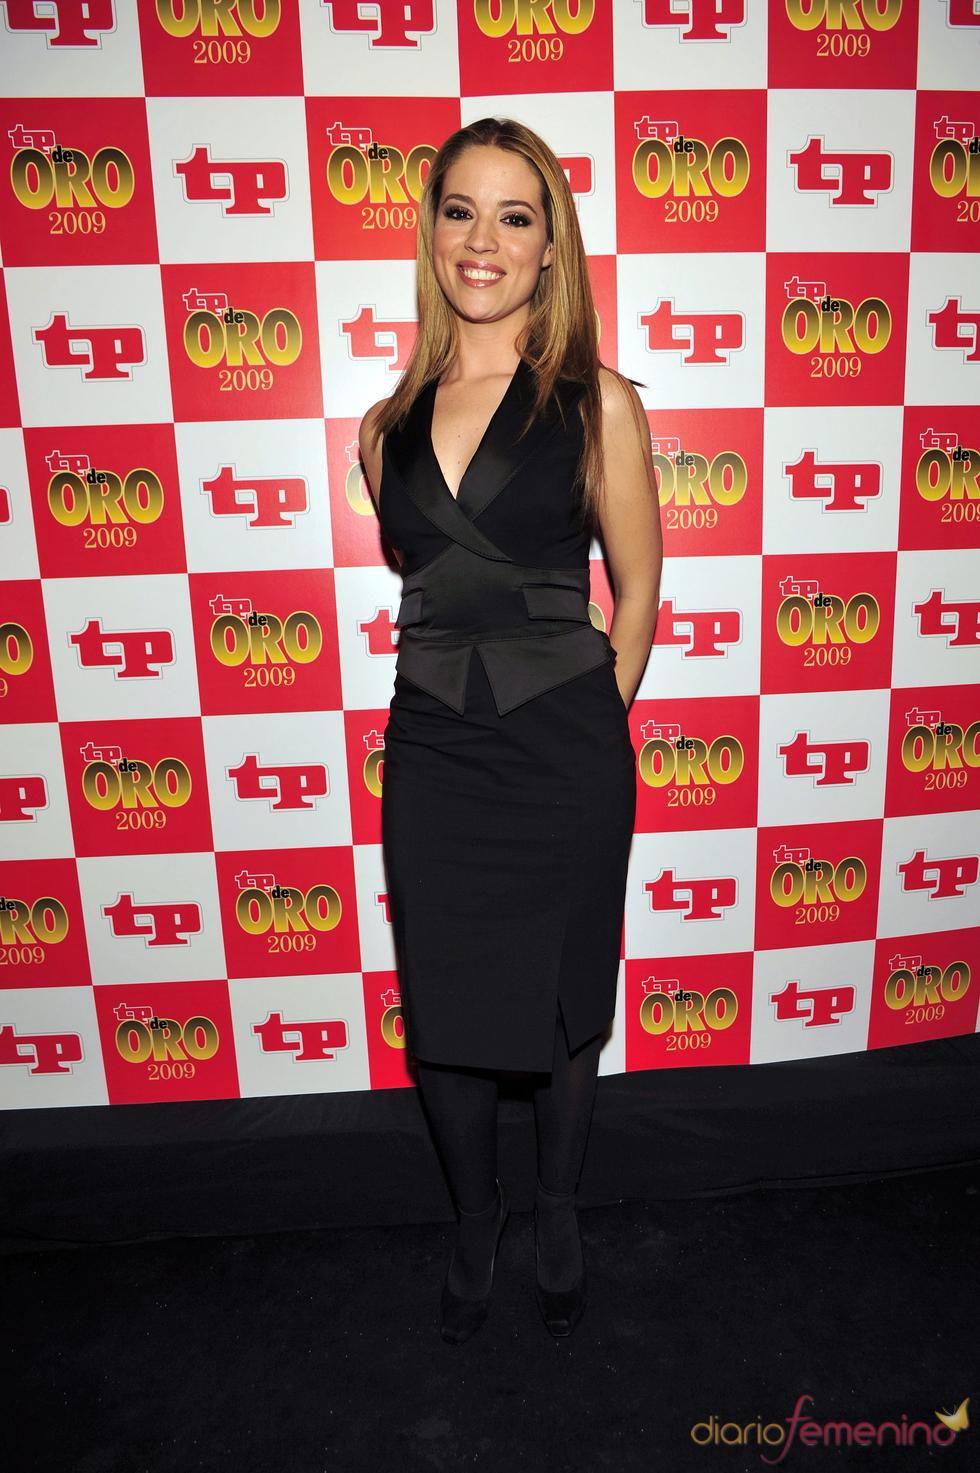 Premios TP de Oro 2009: Cristina Lasvignes